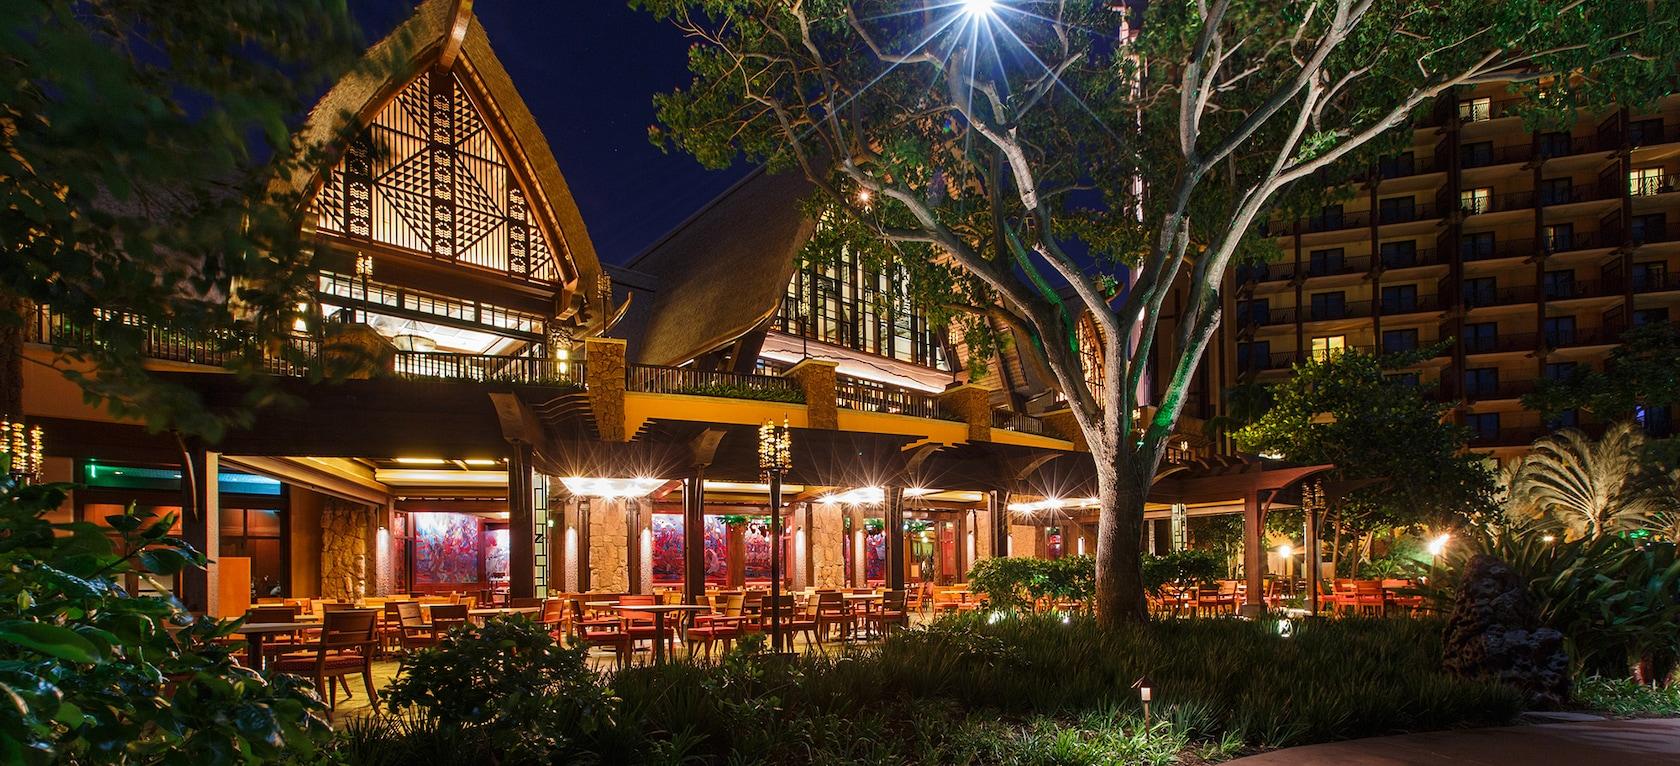 ライトアップされた日よけつきパティオとハワイ特有のデザインの対をなす屋根が演出する夜のマカヒキ